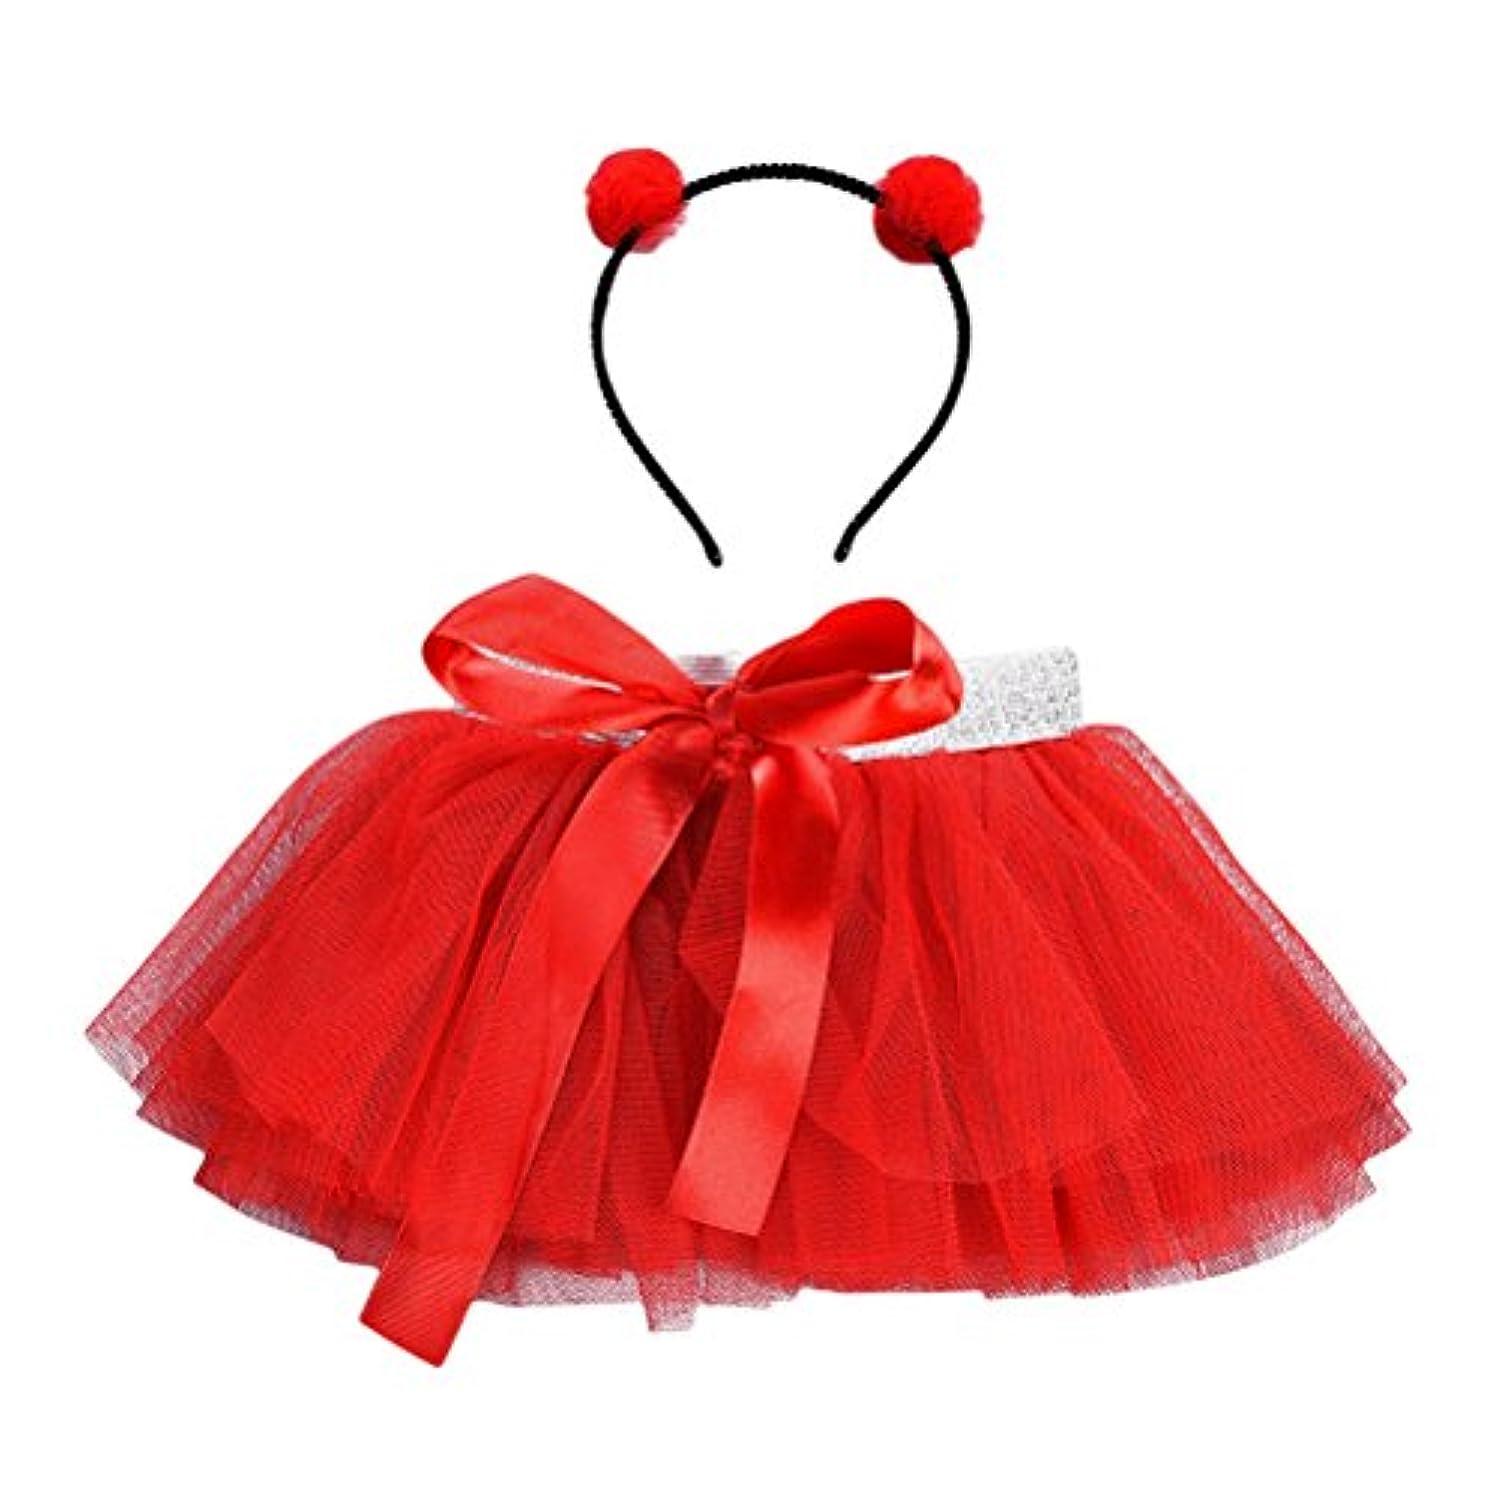 おそらく貨物危険LUOEM 女の子TutuスカートセットヘッドバンドプリンセスガールTutuの服装赤ちゃん女の子Birthday Outfit Set(Red)